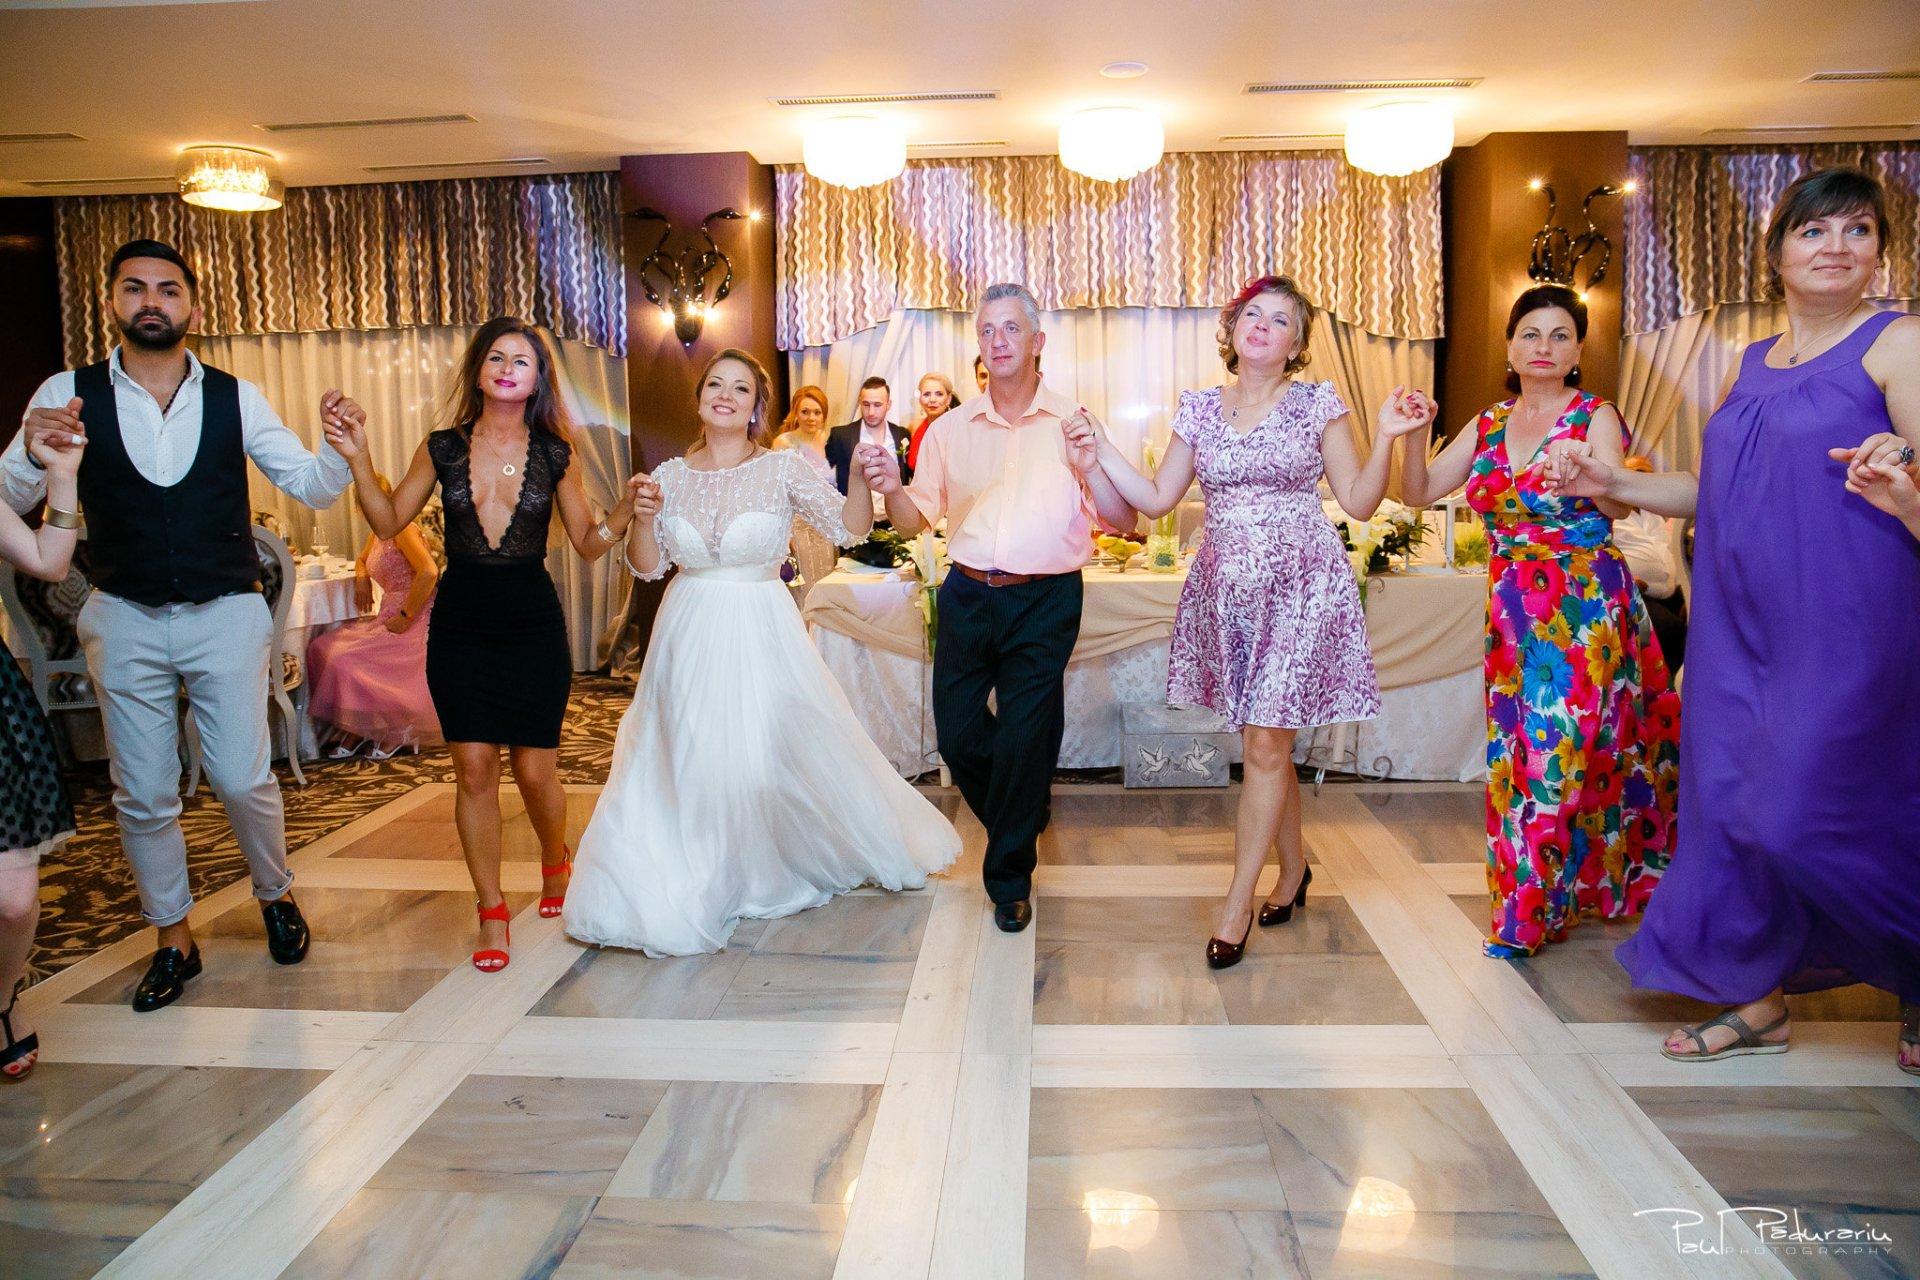 Petrecere la Pleaiada nunta cu tema Paris Ema si Tudor fotograf profesionist de nunta iasi www.paulpadurariu.ro © 2017 Paul Padurariu invitati pe ringul de dans